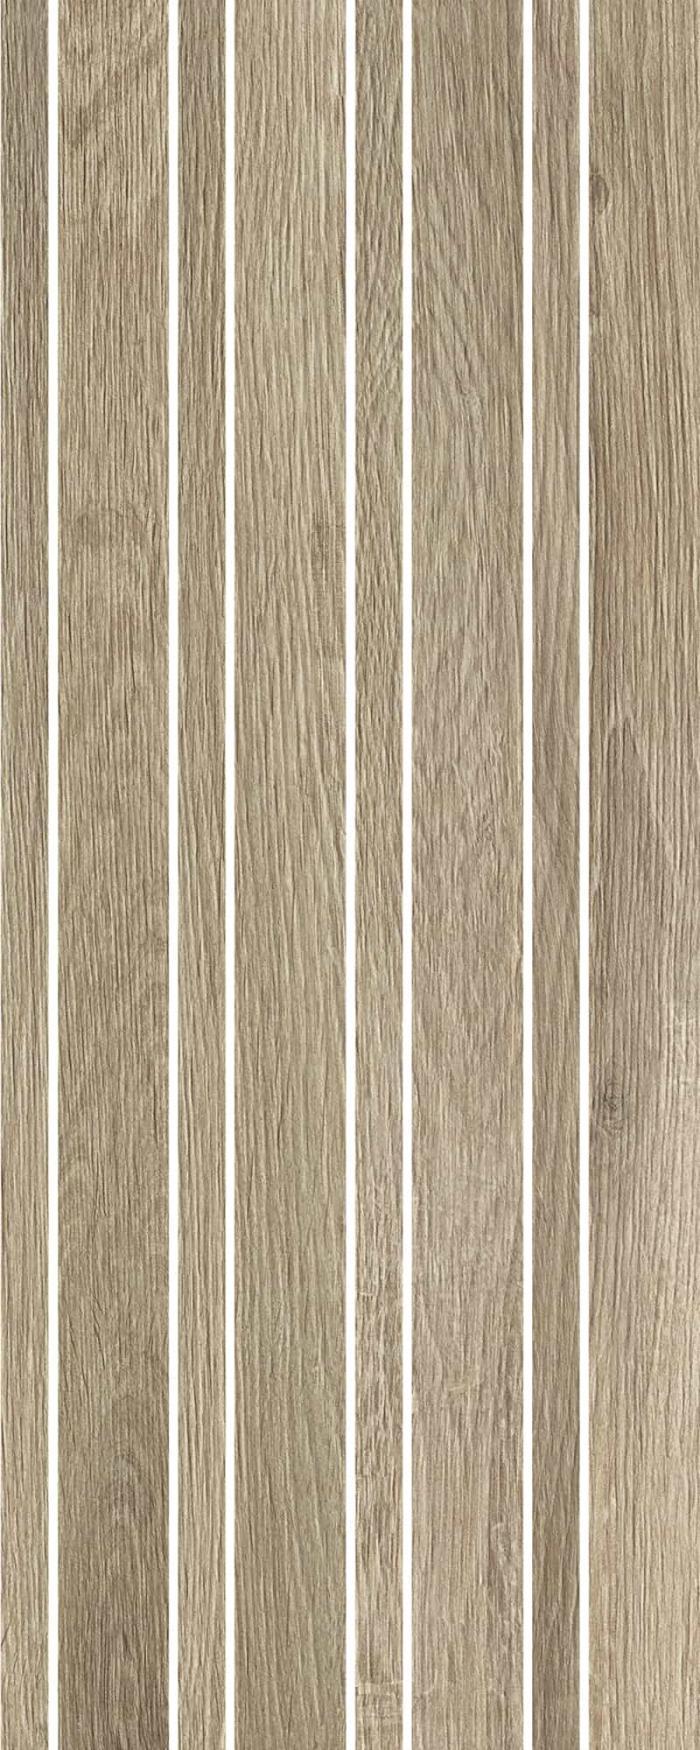 Mosaic Timber Raw Tortora AS